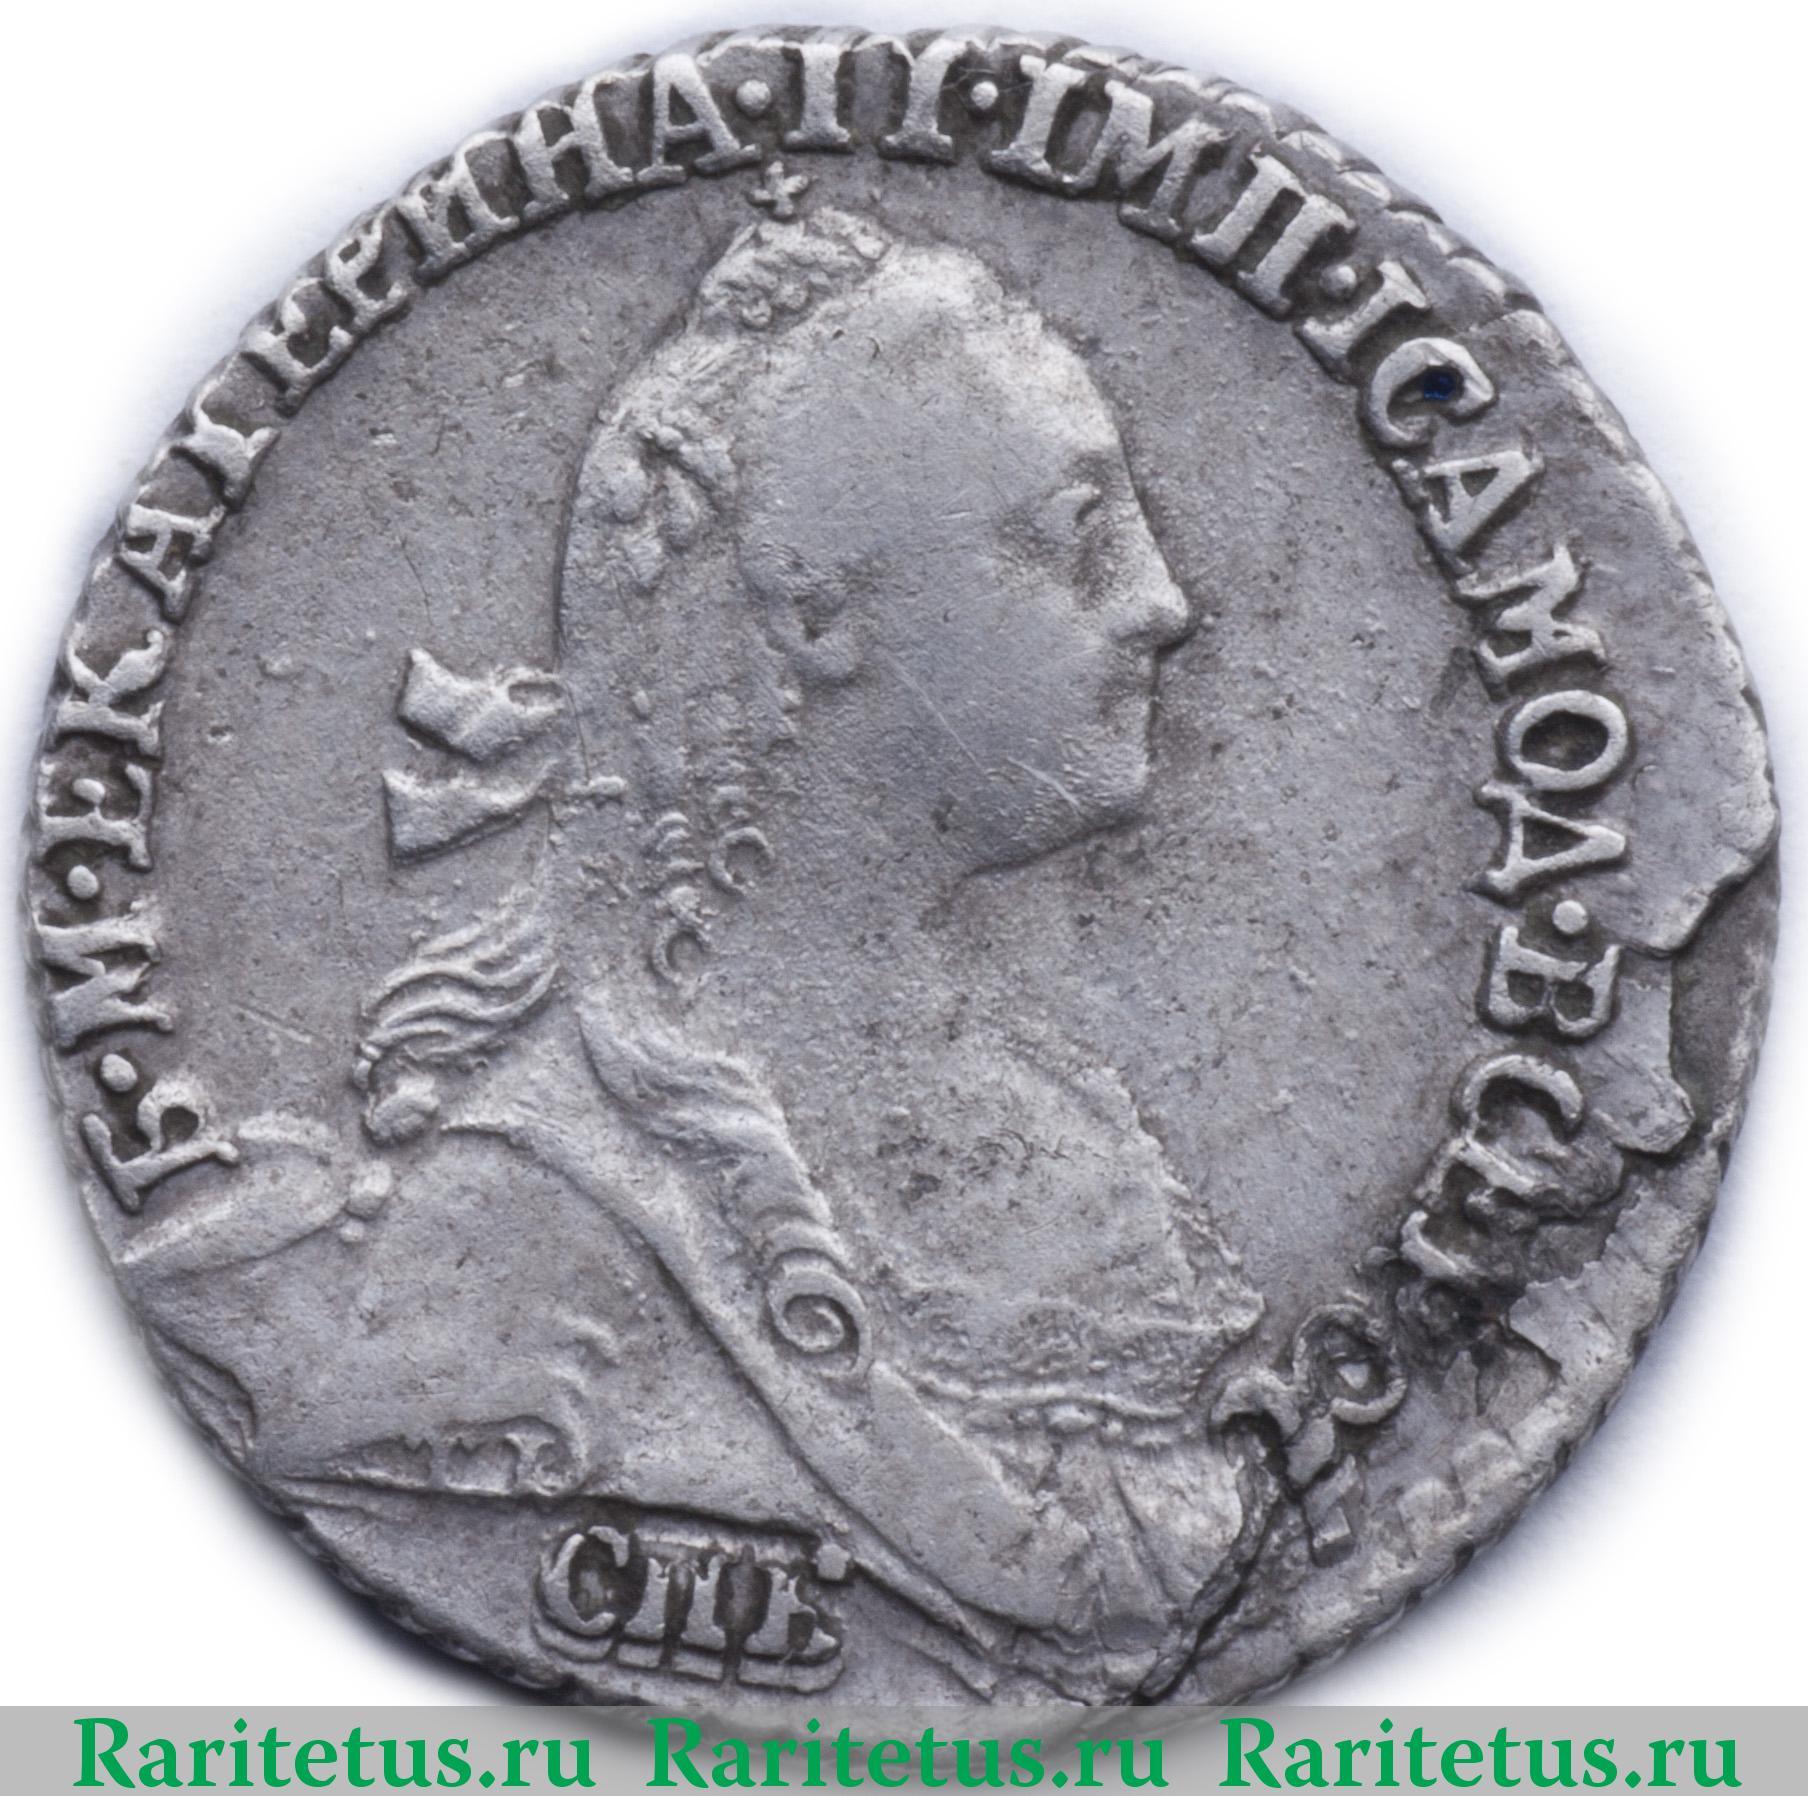 Аверс монеты гривенник 1771 года СПБ-TI